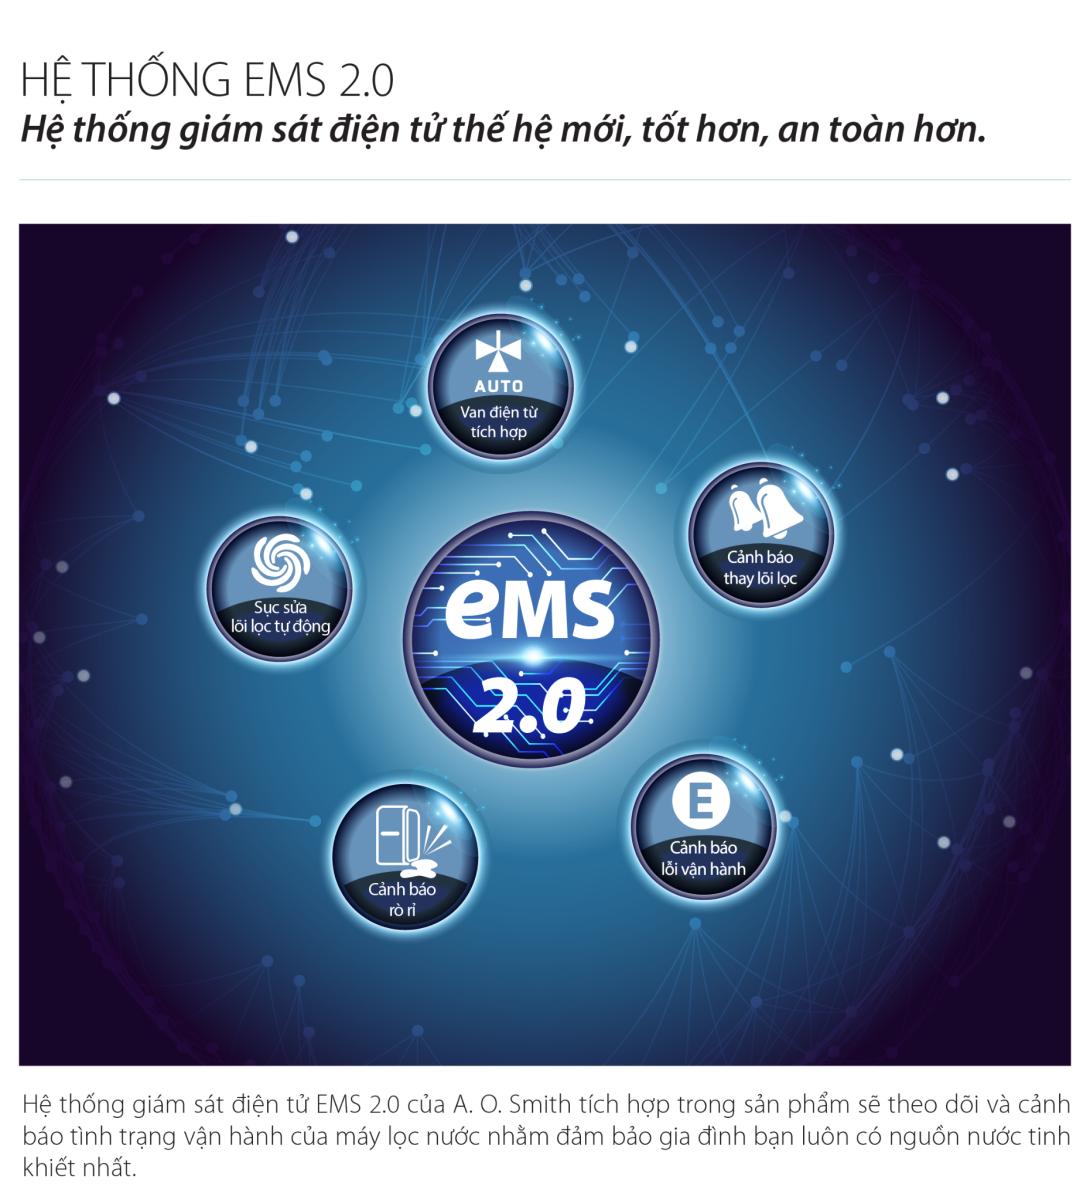 Hệ thống EMS2.0 của máy lọc nước Aosmith G2